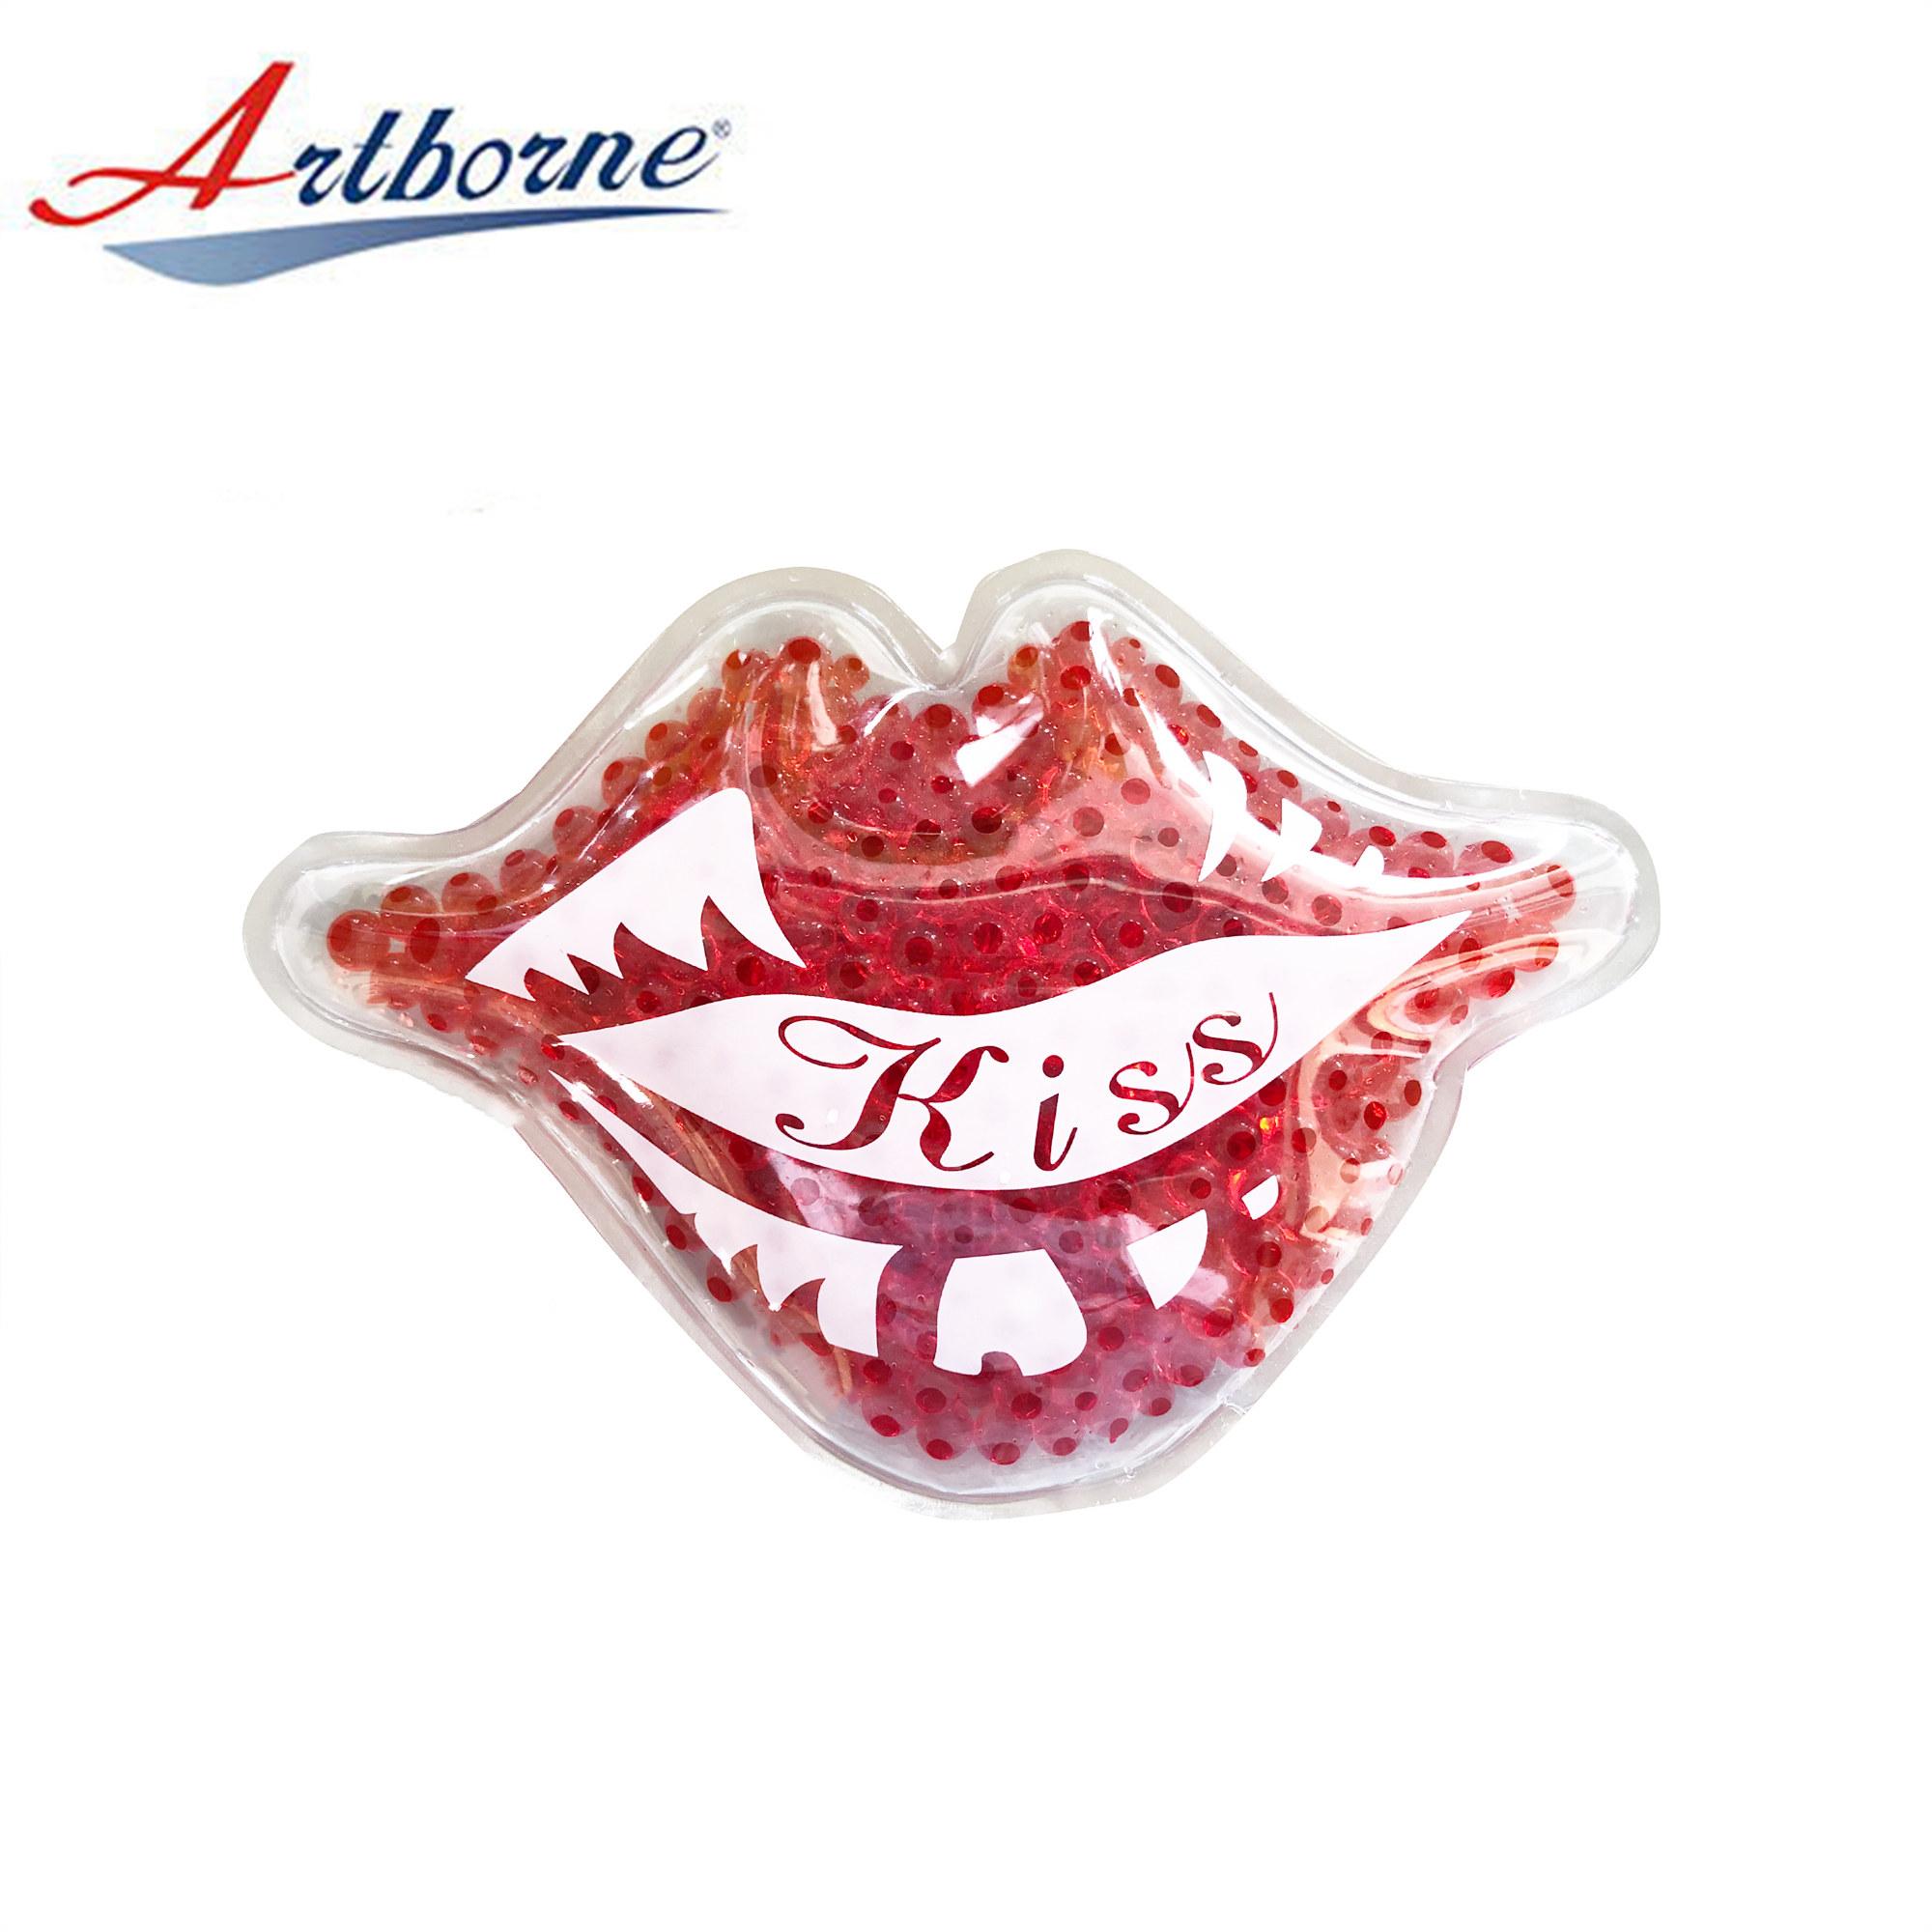 Artborne Array image127